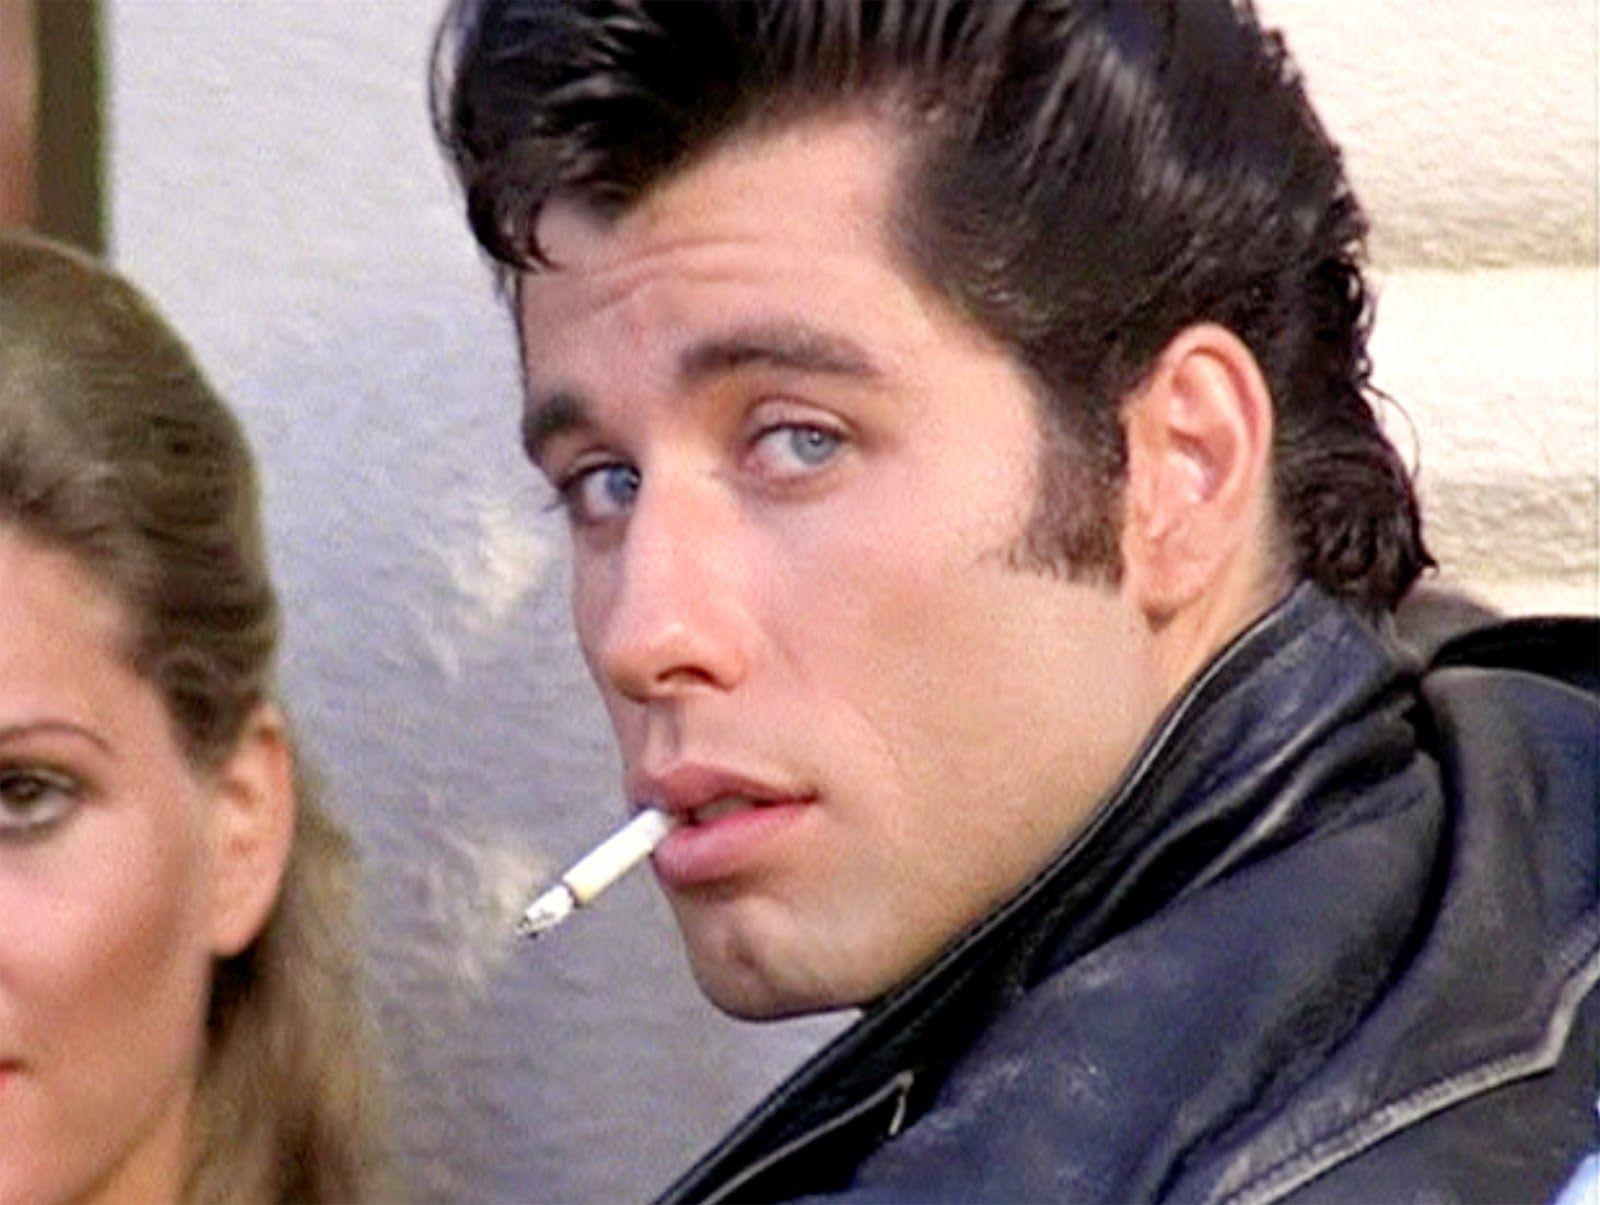 I Have A Crush On Him On Grease Hes Super Cute Danny Zuko Grease Danny Zuko John Travolta